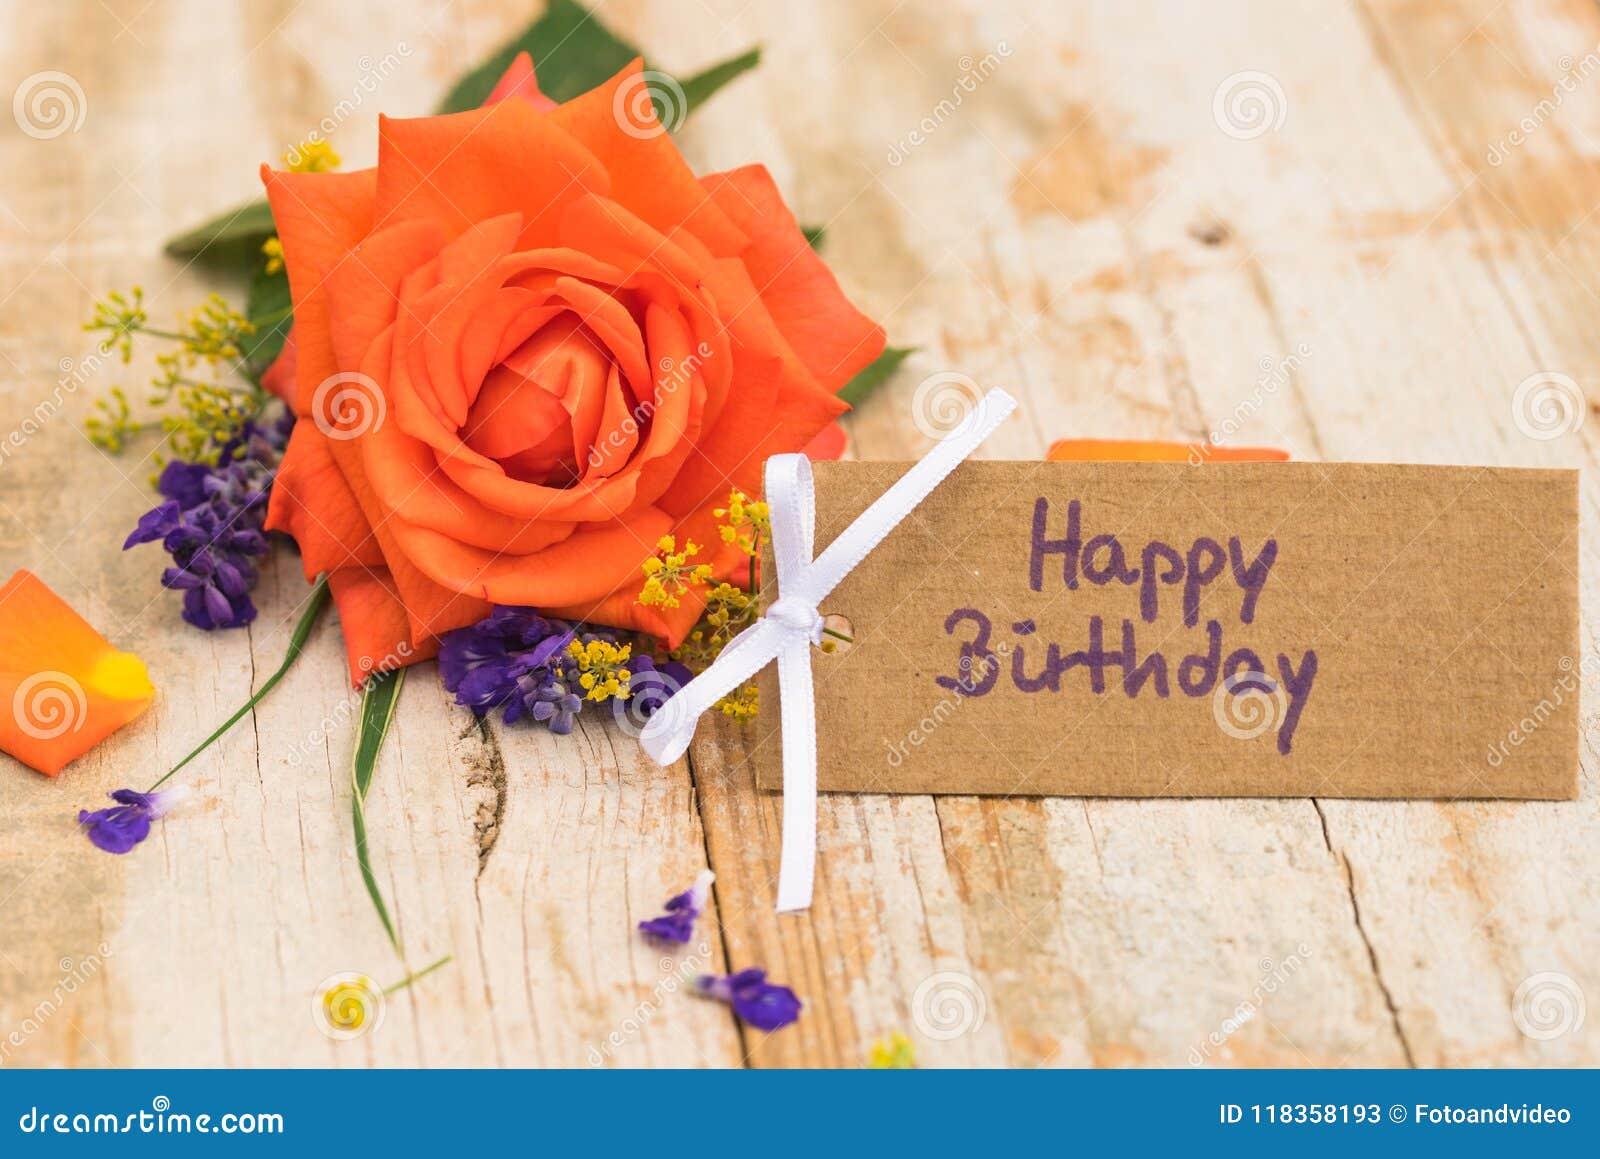 Mazzo Di Fiori Happy Birthday.Biglietto Di Auguri Per Il Compleanno Felice Con Il Bello Mazzo Di